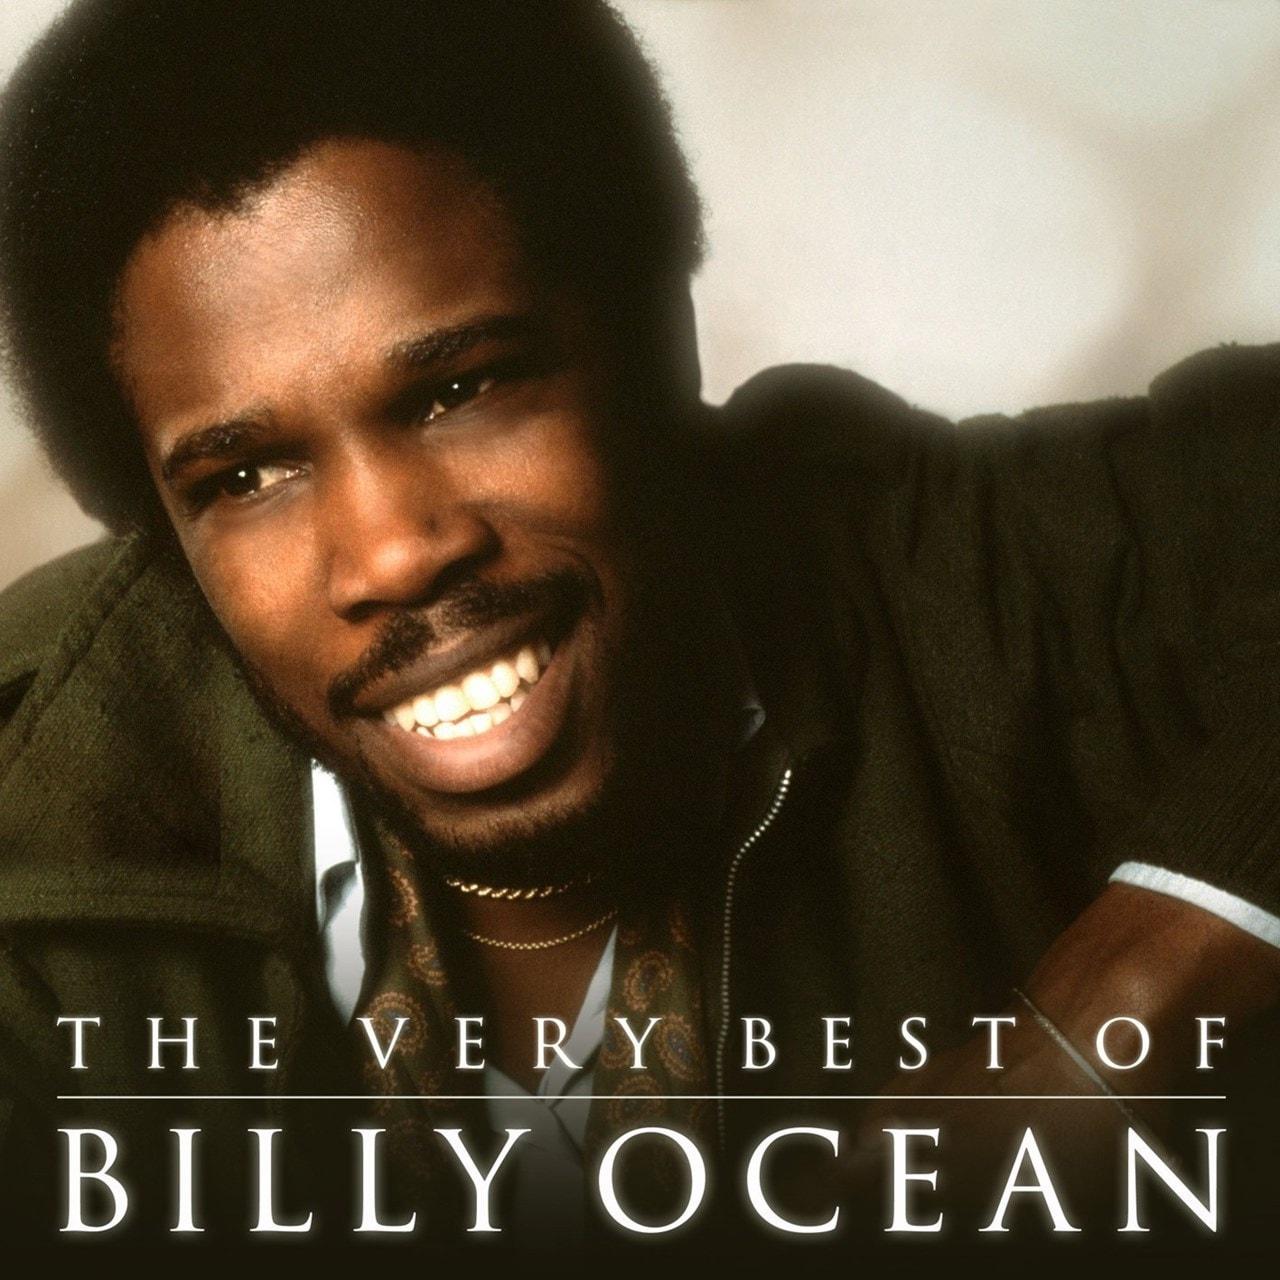 The Very Best of Billy Ocean - 1